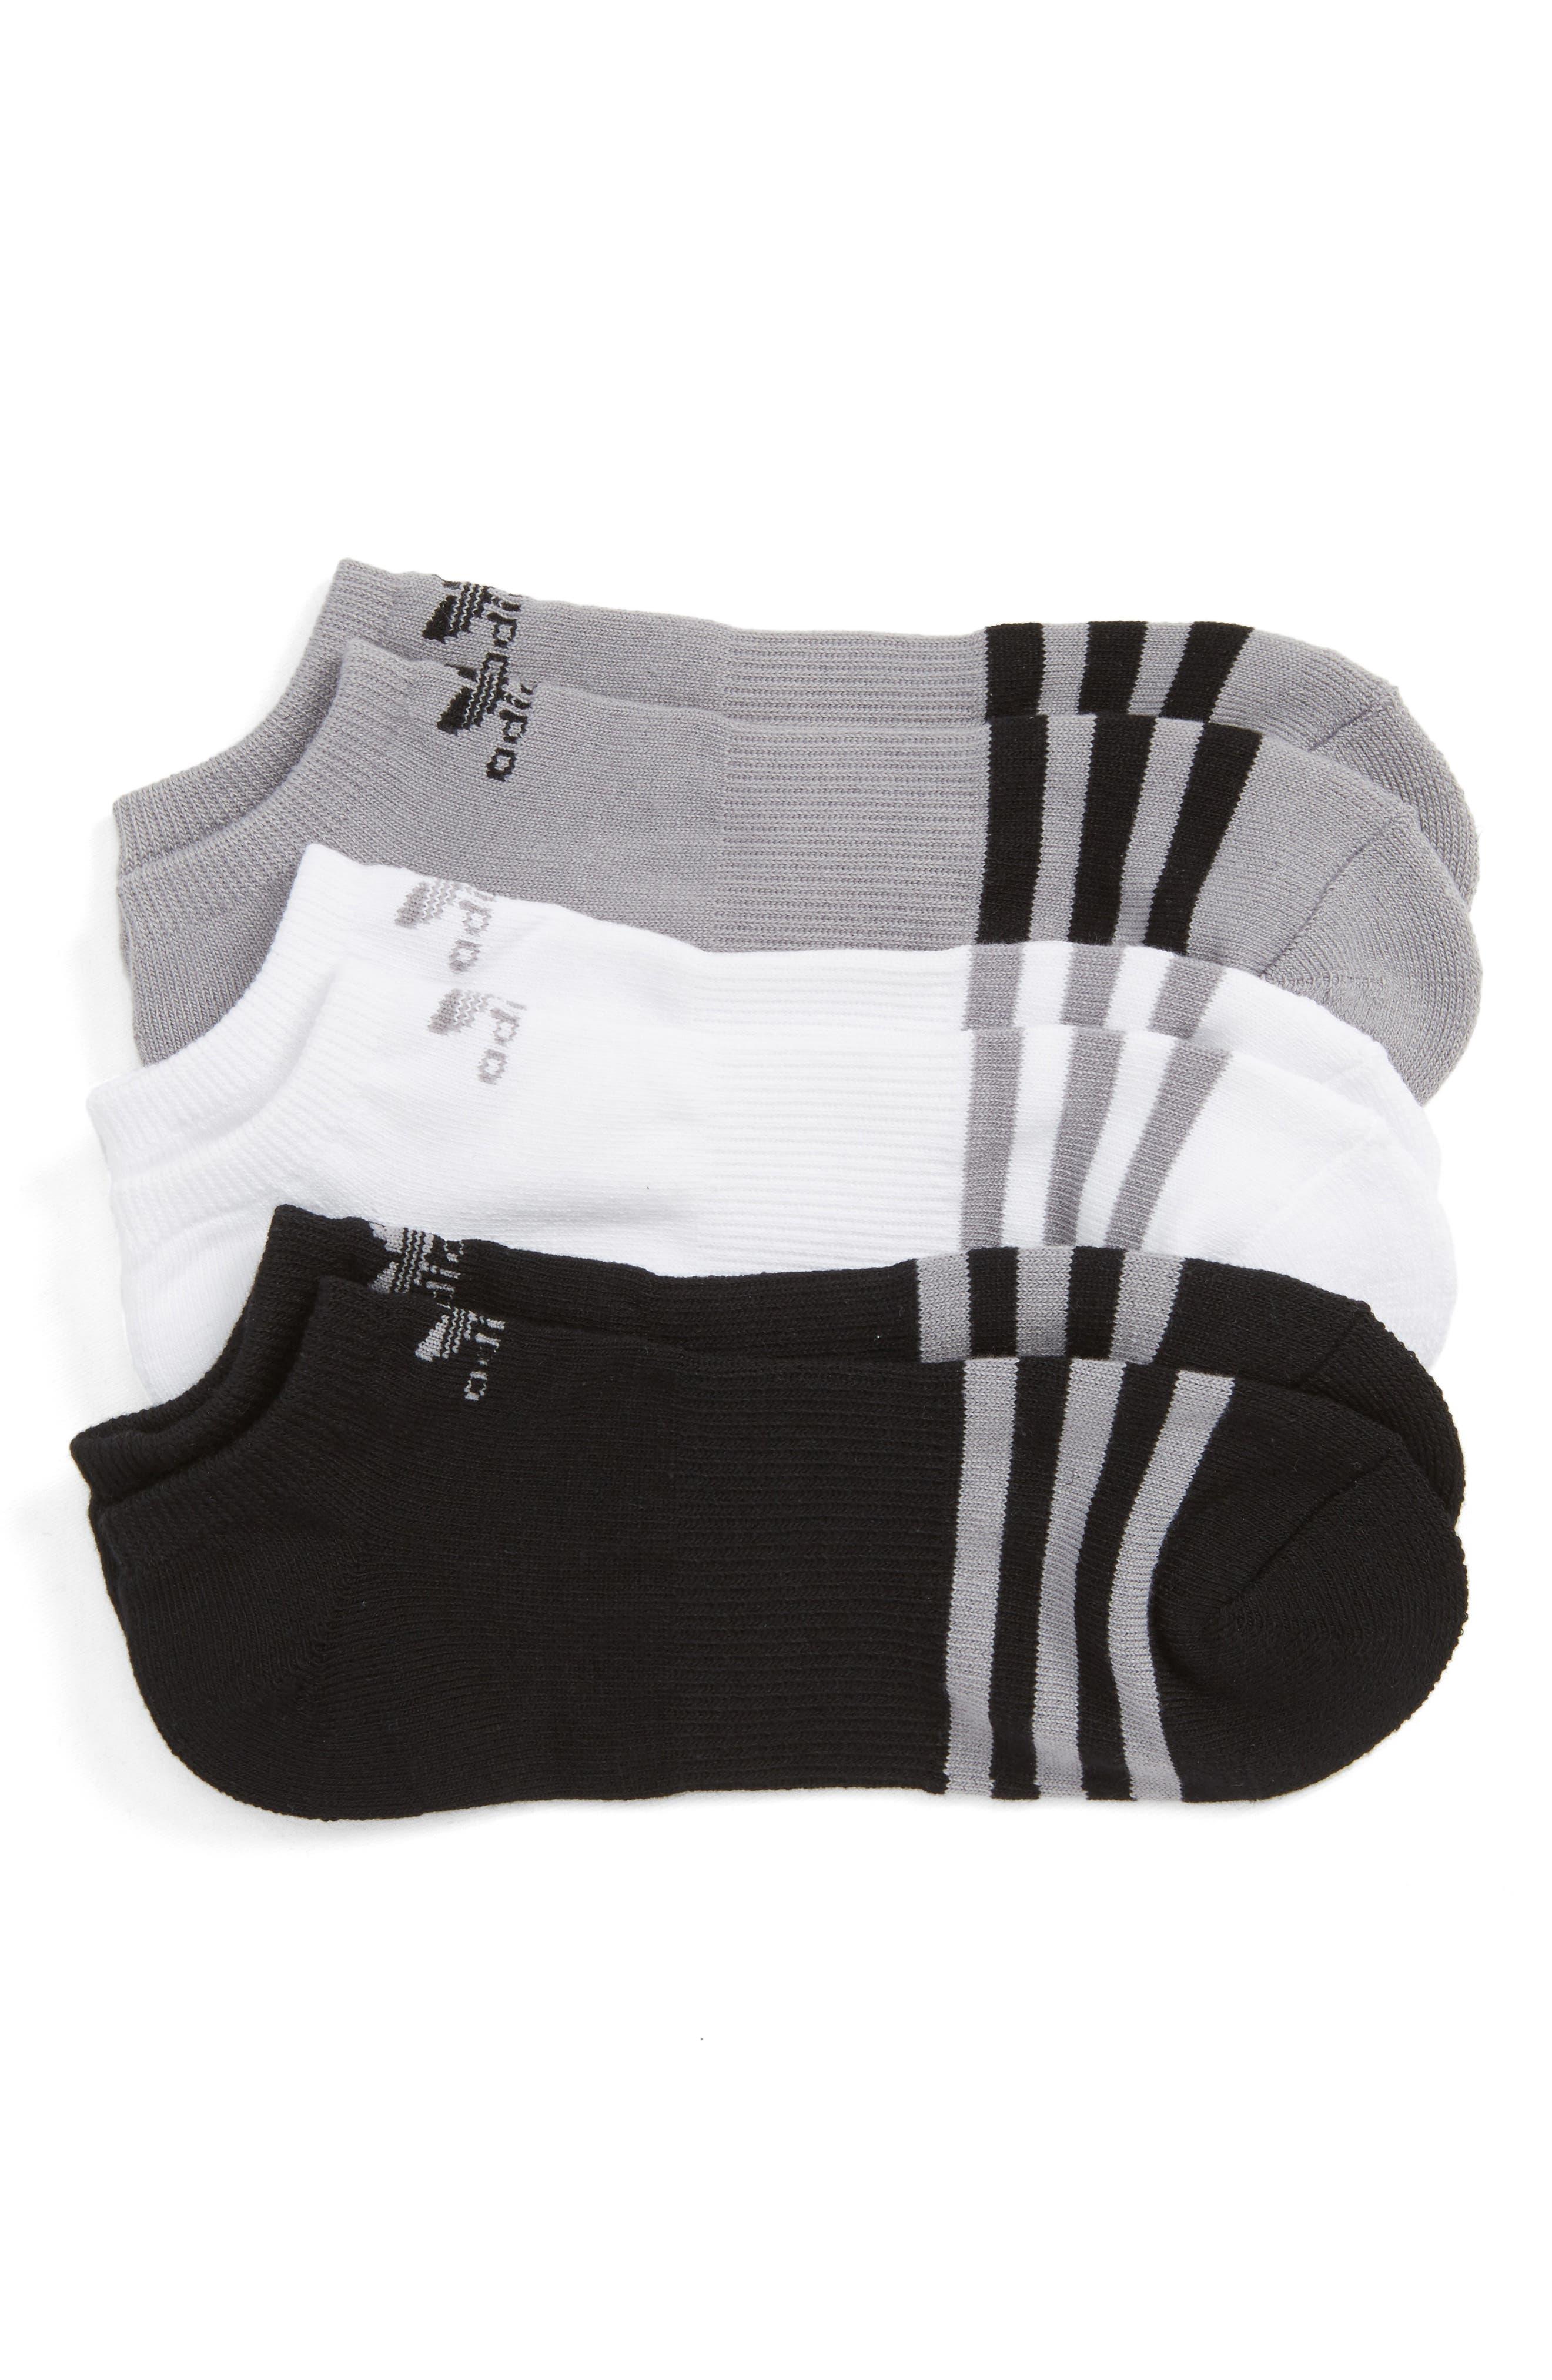 3-Pack No-Show Socks,                             Main thumbnail 1, color,